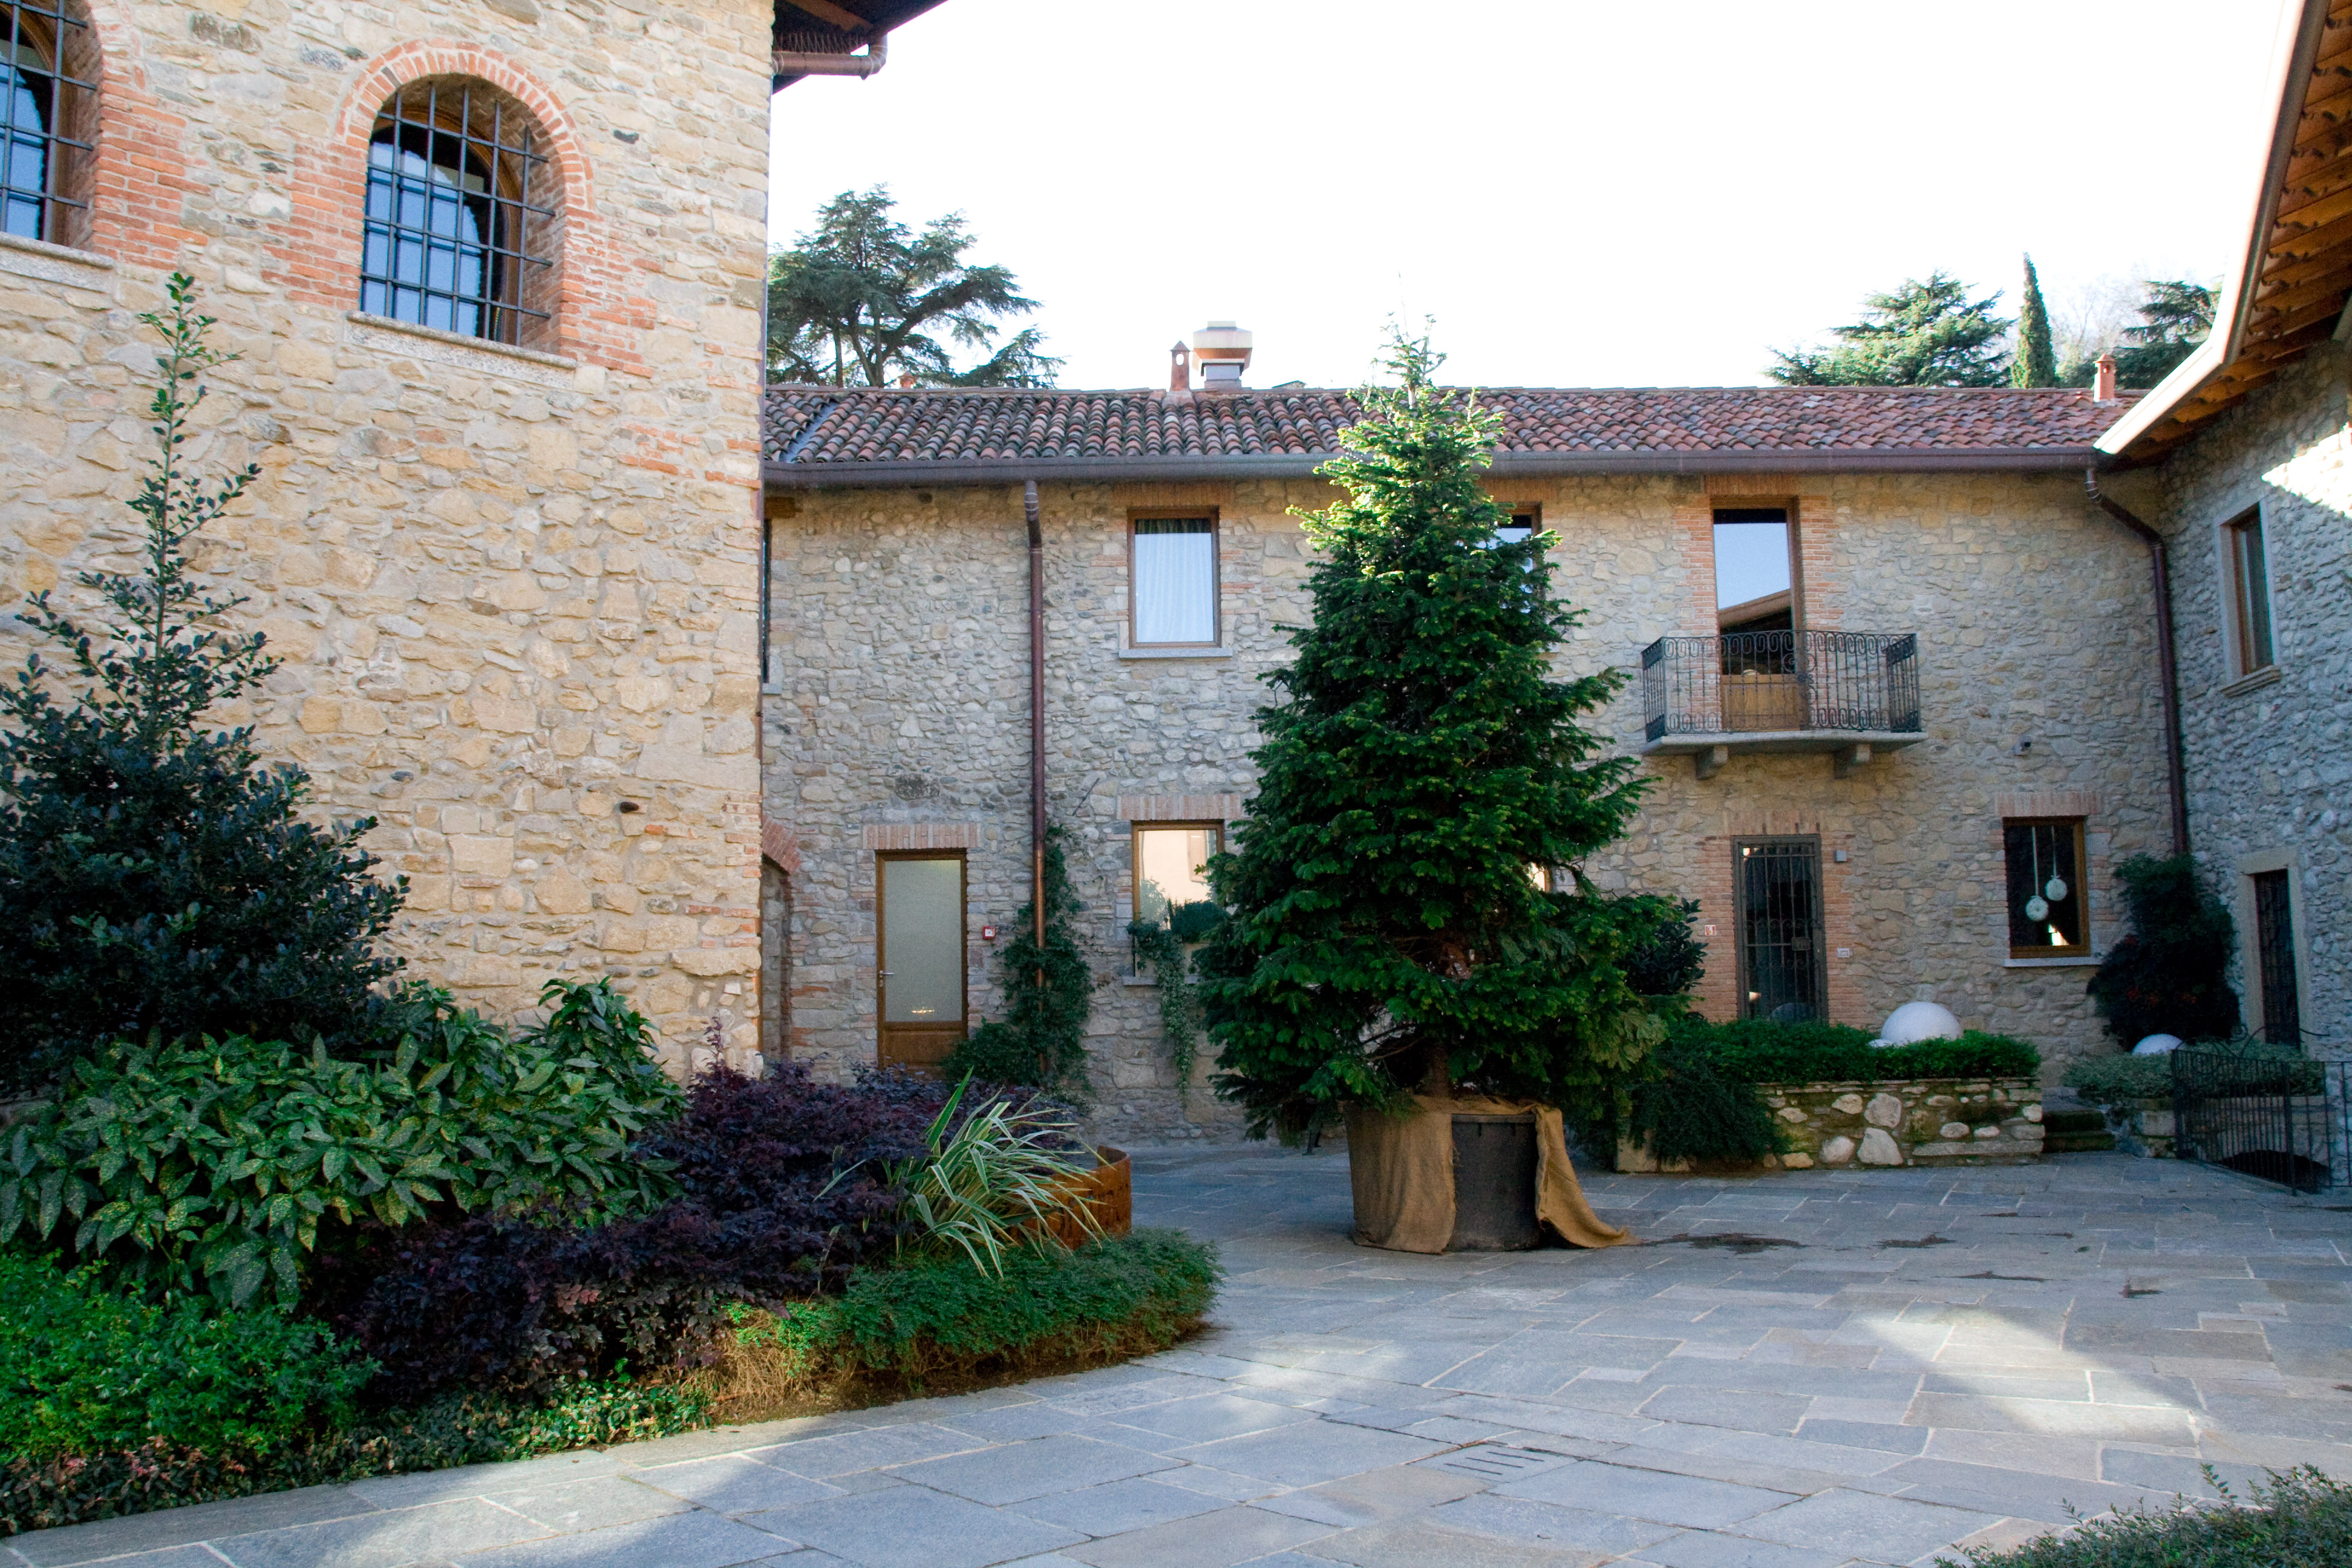 Hotel Milano Centri Benessere Milano Beauty Farm E Alberghi  Share The Knownledge